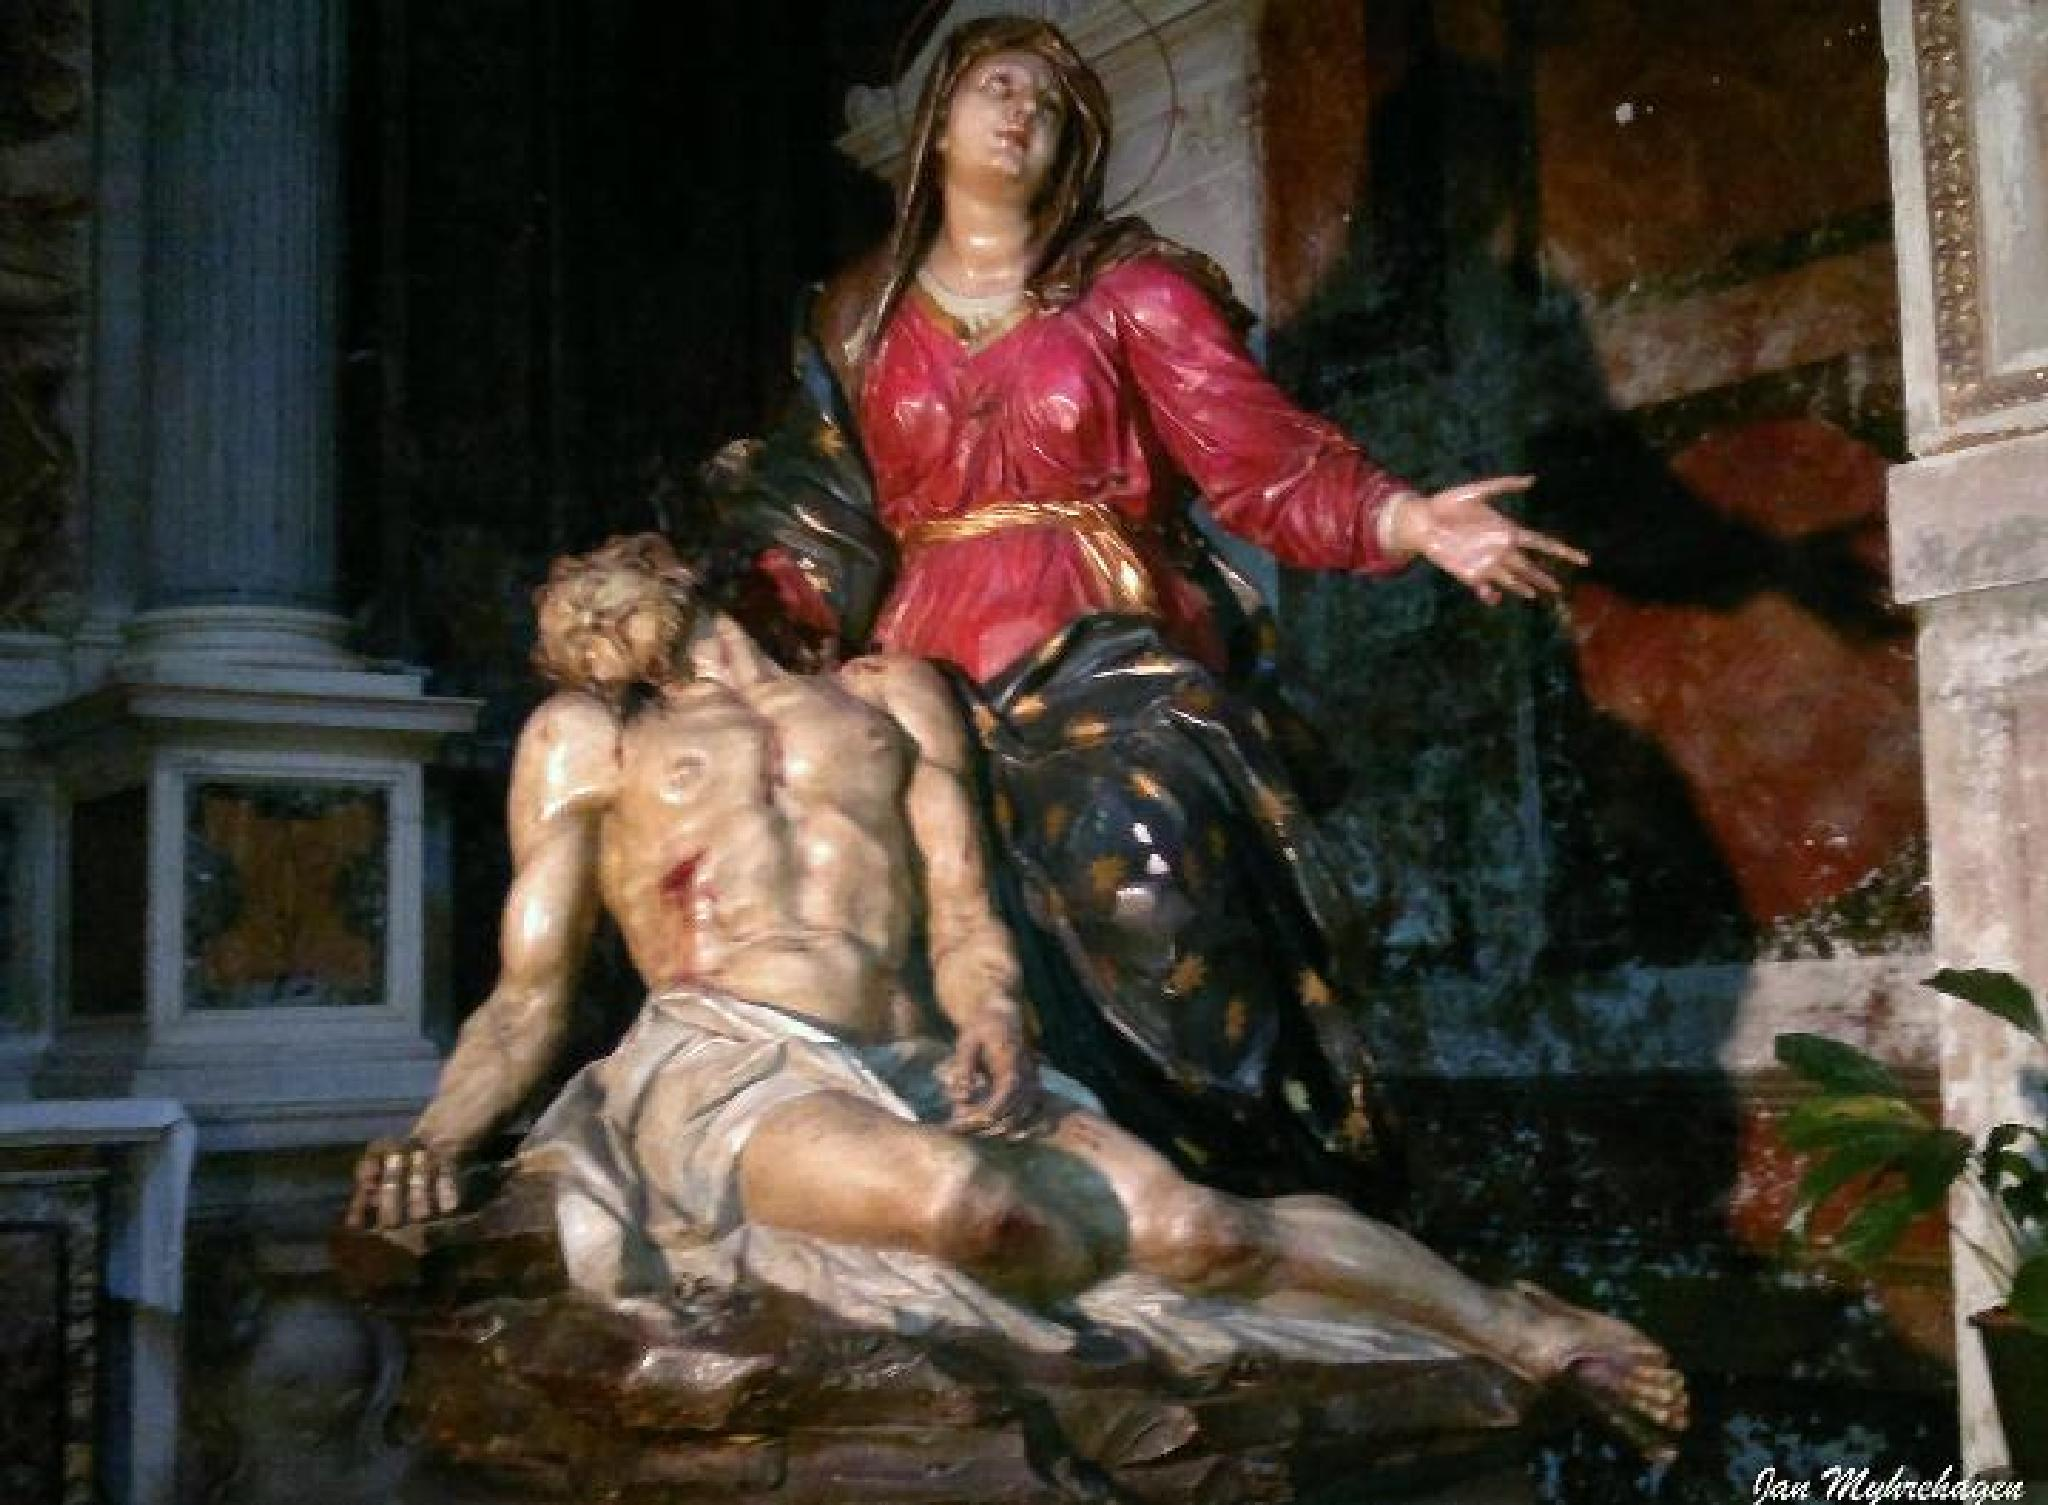 Jesus and Maria by Myhrehagen